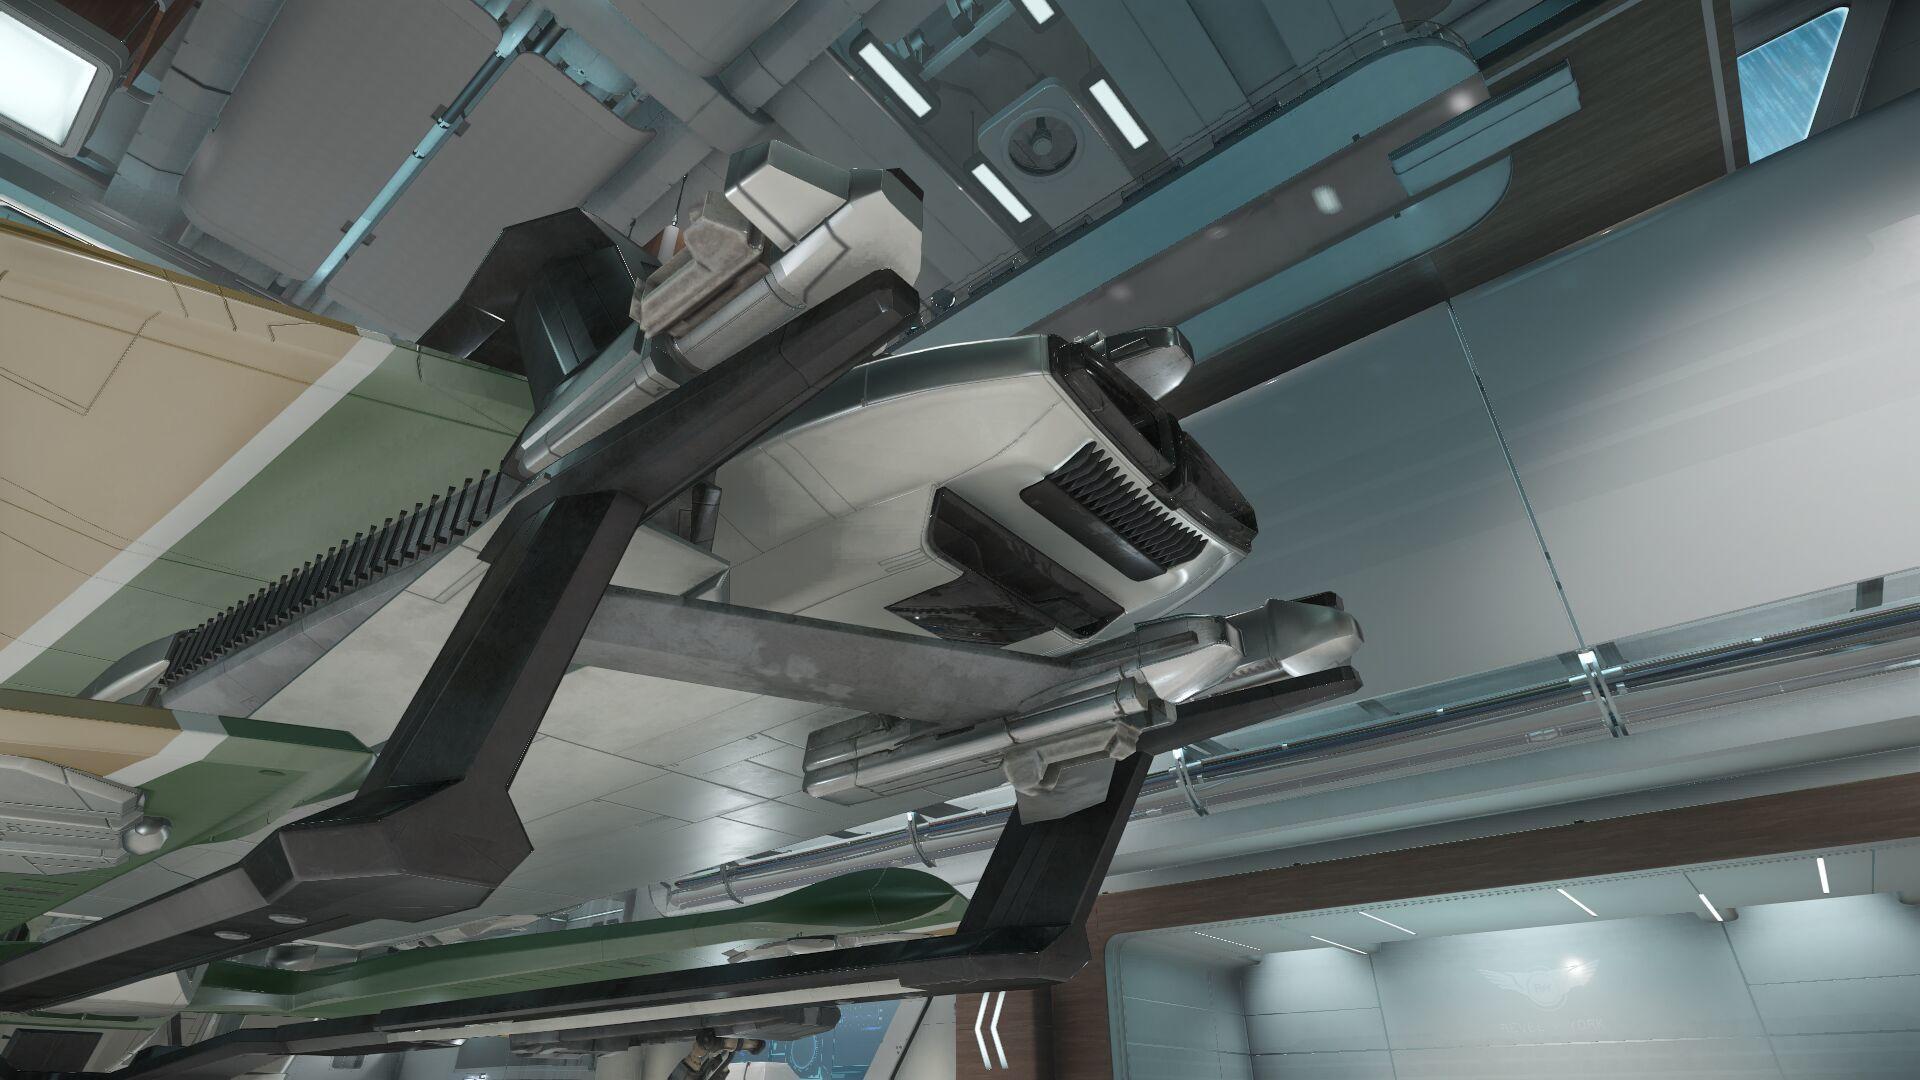 Wygląd zewnętrzny - tył - silnik główny i silniki manewrowe